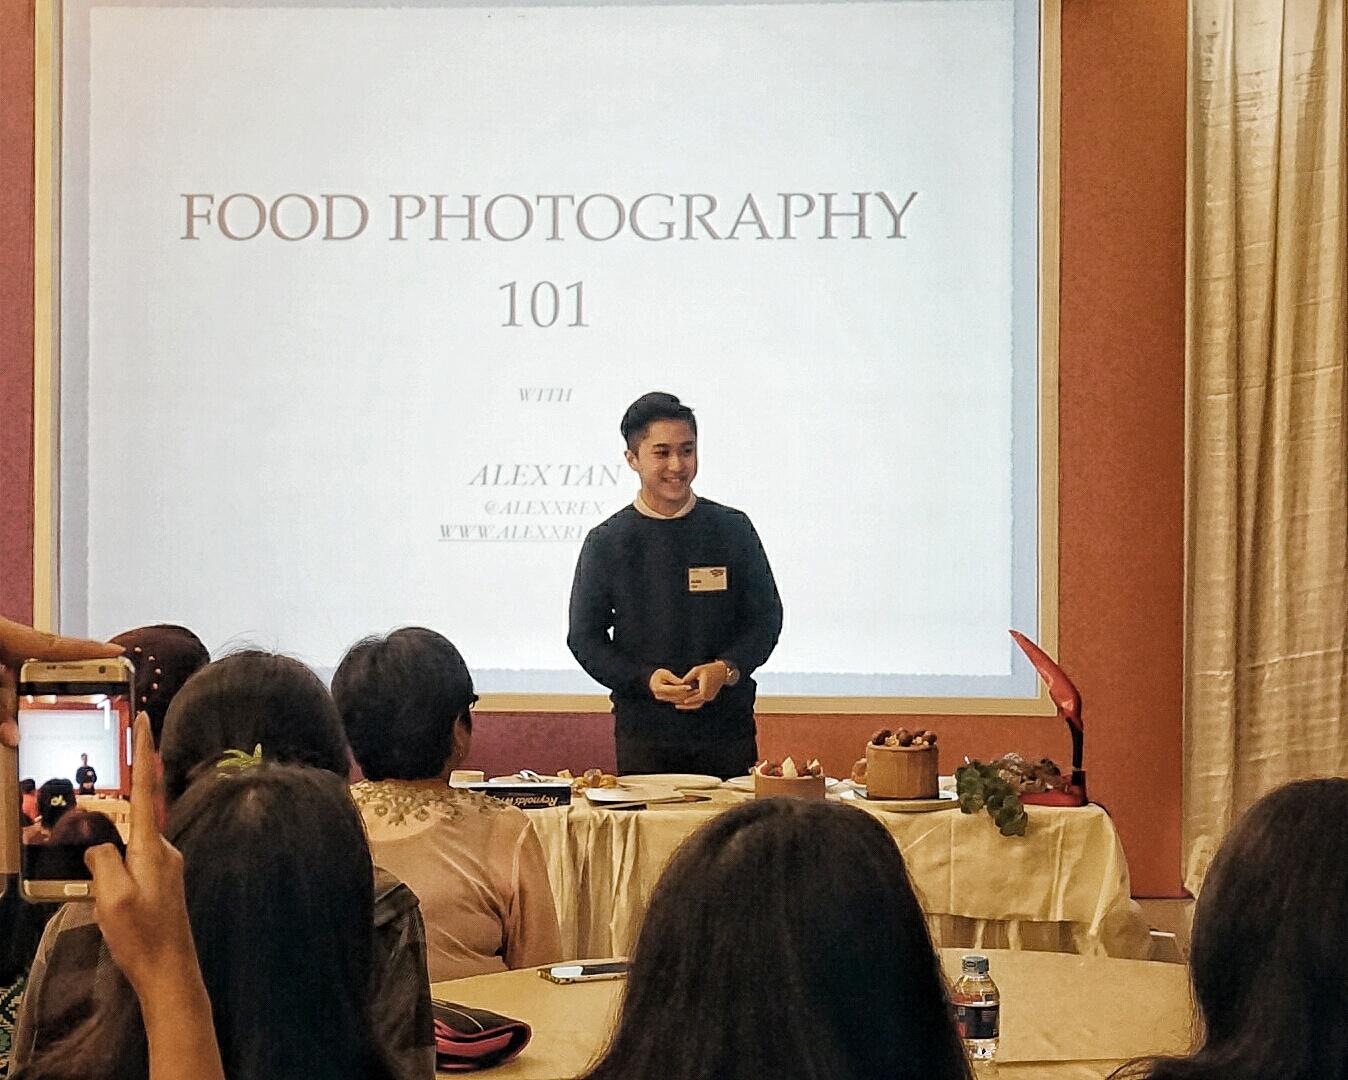 học chụp món ăn